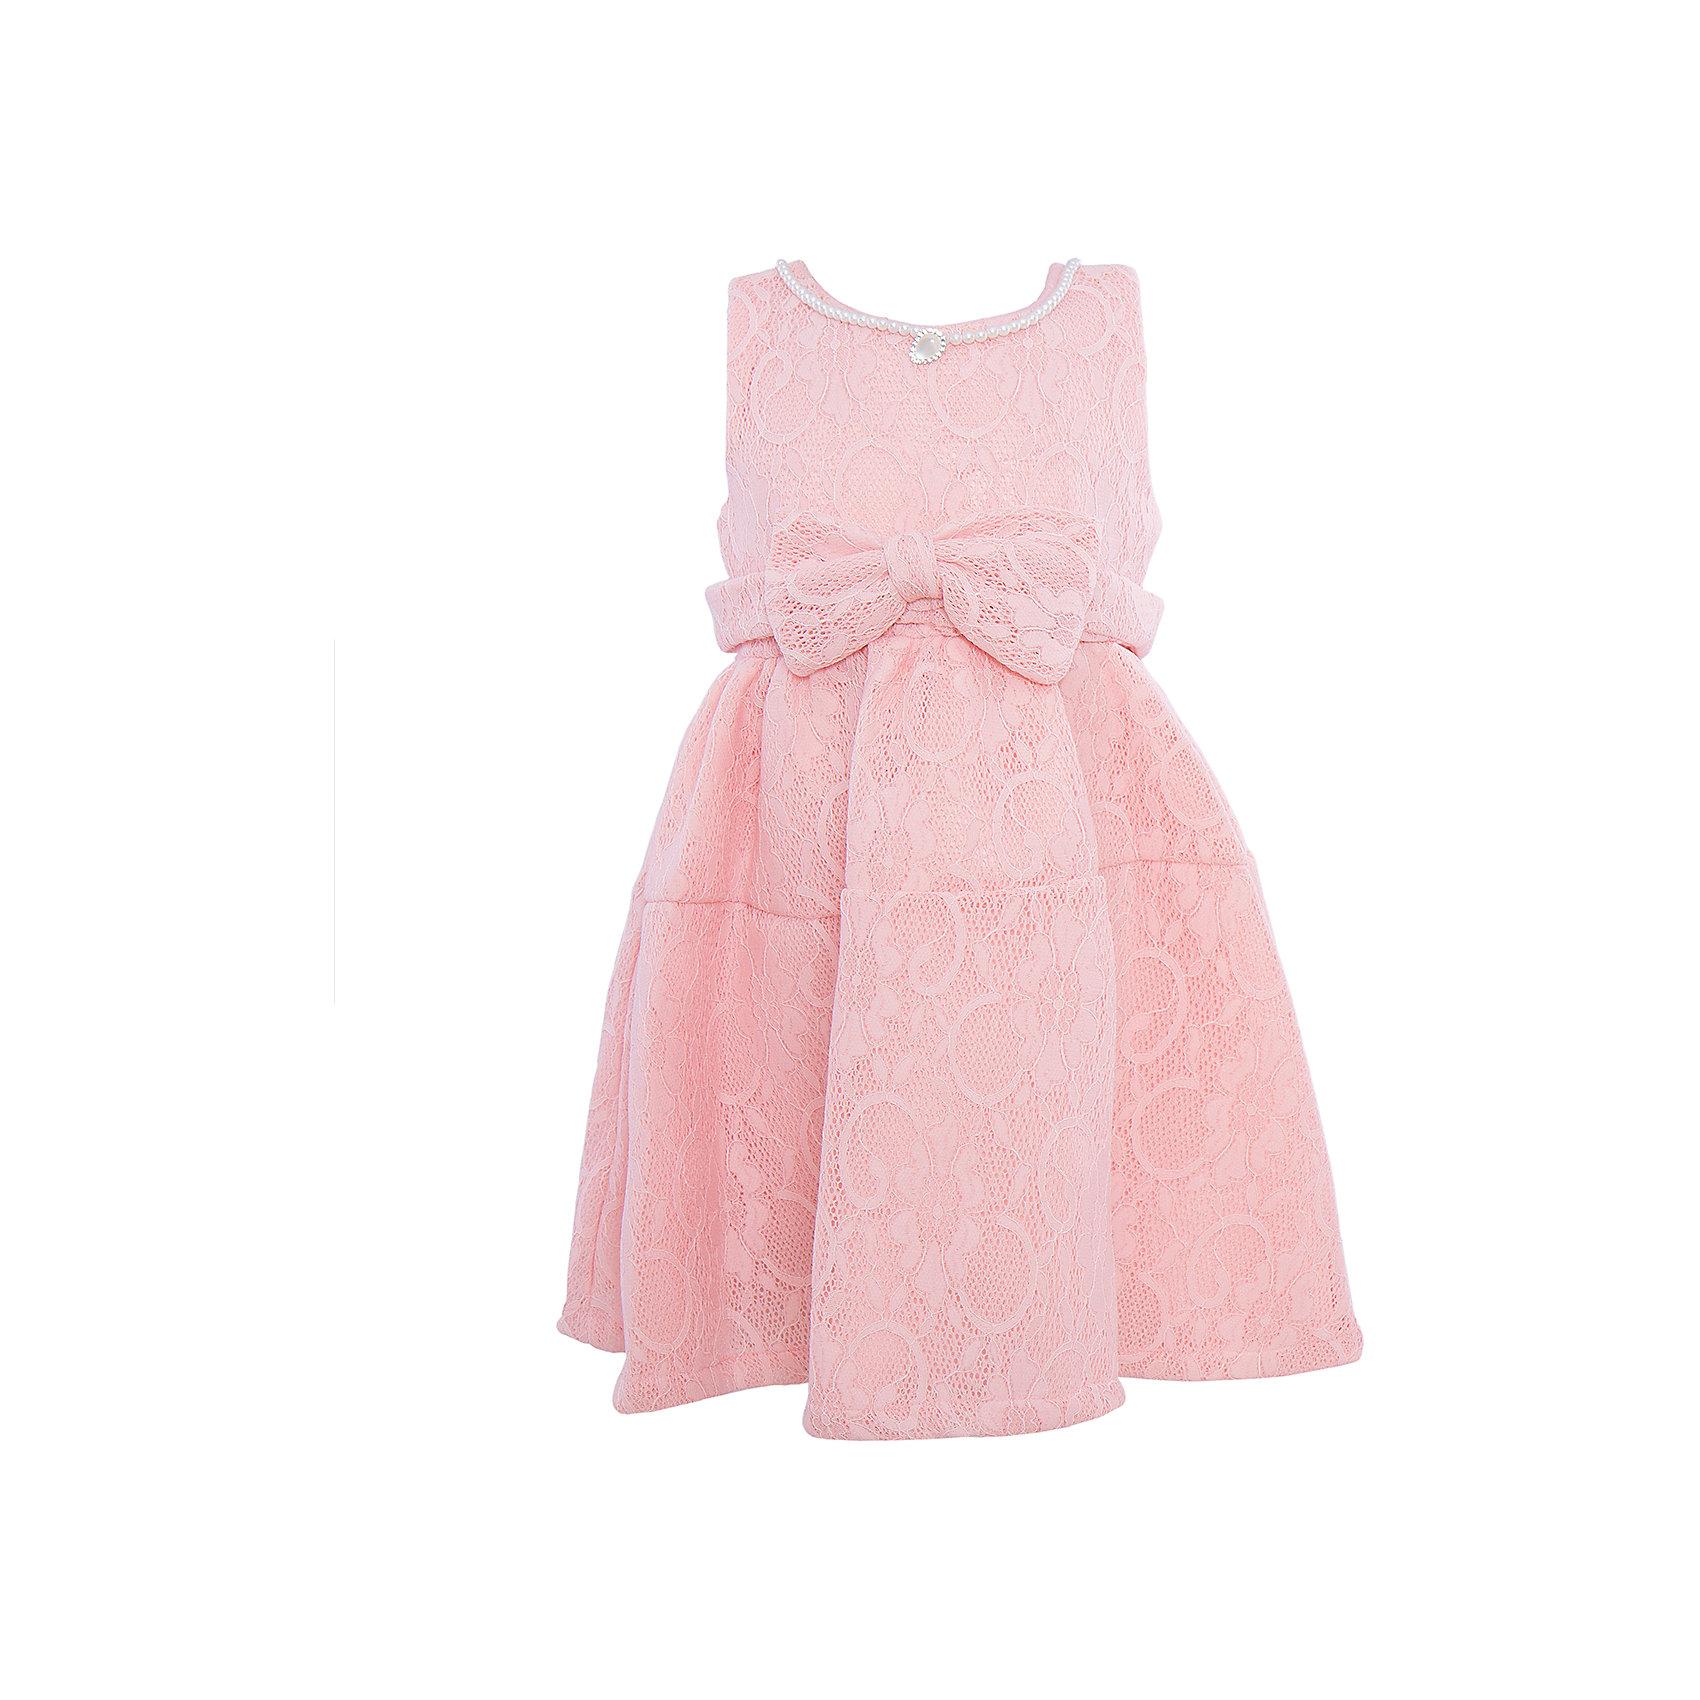 Нарядное платье для девочки Sweet BerryХарактеристики:<br><br>• Вид одежды: платье<br>• Предназначение: для праздника, торжеств<br>• Сезон: круглый год<br>• Материал: верх – 100% полиэстер; подкладка – 100% хлопок<br>• Цвет: пудровый <br>• Силуэт: классический А-силуэт<br>• Длина платья: миди<br>• Вырез горловины: круглый<br>• Горловина декорирована бусинами и кулоном<br>• Наличие объемного пояса с декоративным бантом<br>• Застежка: молния на спинке<br>• Особенности ухода: ручная стирка без применения отбеливающих средств, глажение при низкой температуре <br><br>Sweet Berry – это производитель, который сочетает в своей одежде функциональность, качество, стиль и следование современным мировым тенденциям в детской текстильной индустрии. <br>Платье для девочки от знаменитого производителя детской одежды Sweet Berry выполнено из полиэстера с хлопковым подкладкой. Изделие имеет классический силуэт с отрезной талией и отрезной кокеткой у пышной юбки. Пышность юбке придает атласный подклад и подъюбник из сетки. Изделие выполнено из кружевной ткани пудрового оттенка, декорировано объемным поясом с декоративным бантом. Горловина оформлена бусинами в форме жемчужин и кулоном в форме капли. Праздничное платье от Sweet Berry – это залог успеха вашего ребенка на любом торжестве!<br><br>Платье для девочки Sweet Berry можно купить в нашем интернет-магазине.<br><br>Ширина мм: 236<br>Глубина мм: 16<br>Высота мм: 184<br>Вес г: 177<br>Цвет: бежевый<br>Возраст от месяцев: 24<br>Возраст до месяцев: 36<br>Пол: Женский<br>Возраст: Детский<br>Размер: 98,104,128,122,116,110<br>SKU: 5052091